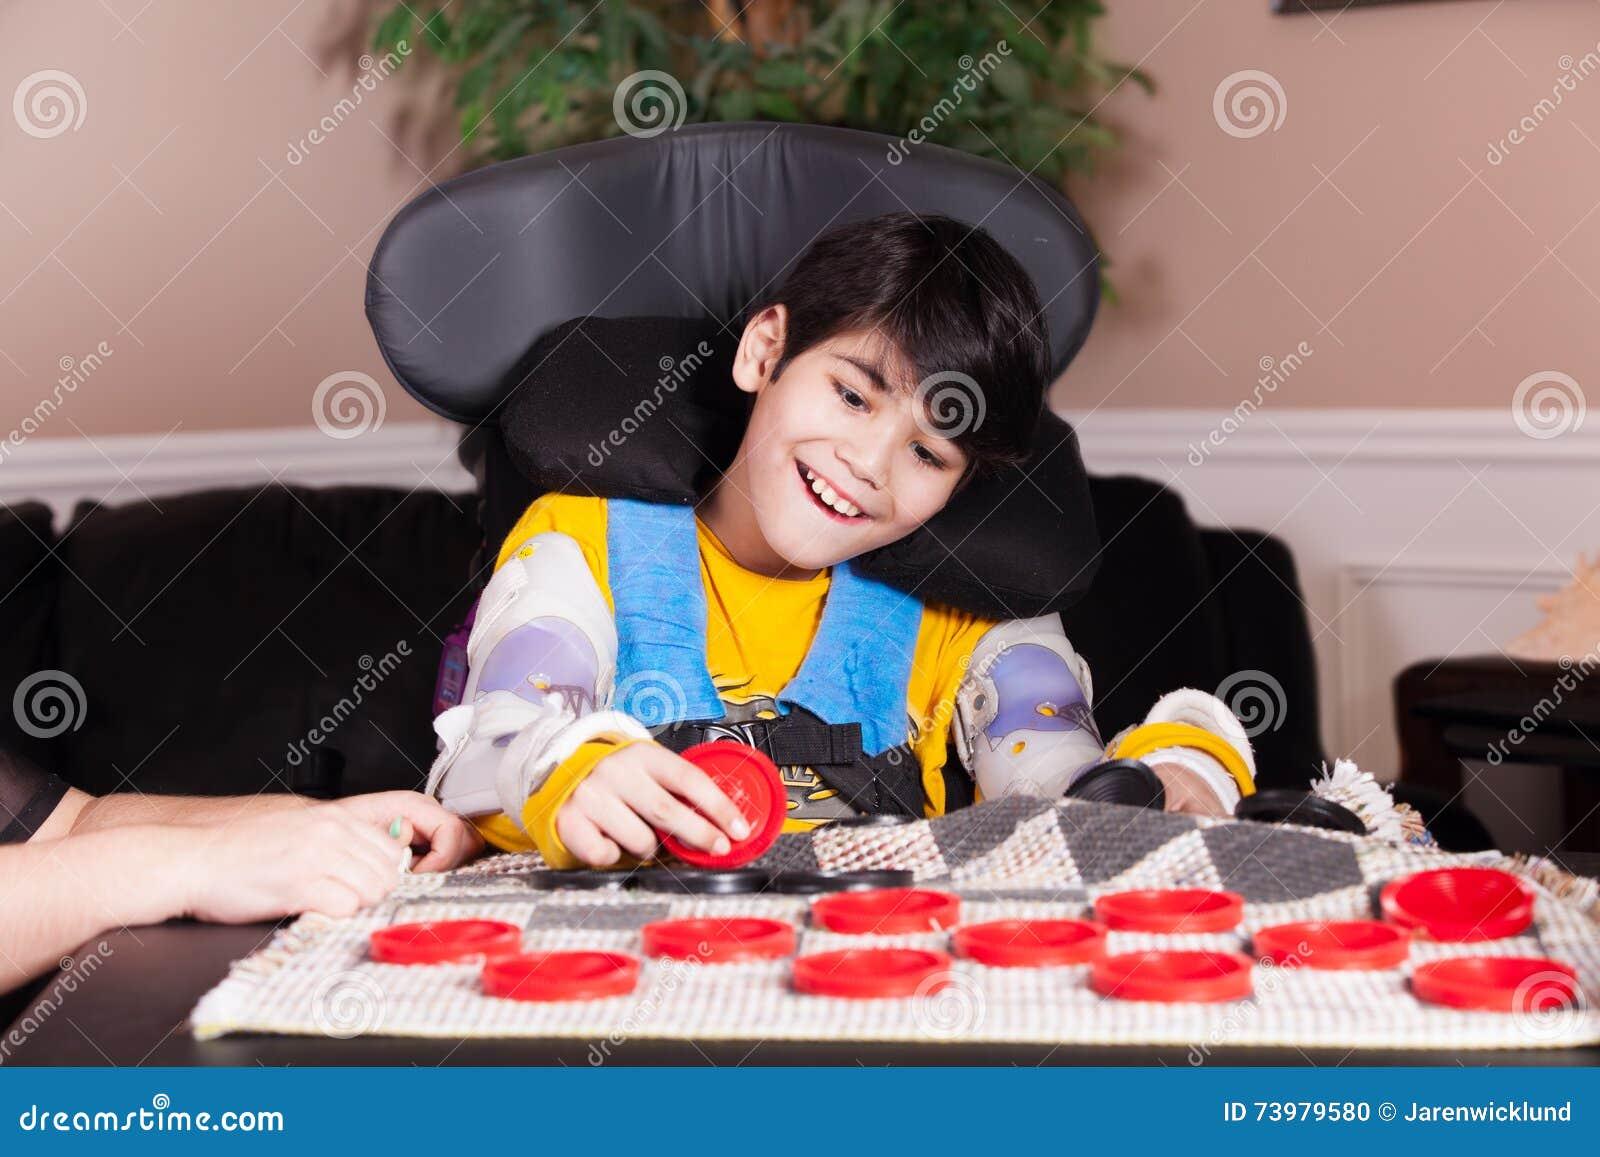 扮演验查员的轮椅的年轻残疾男孩